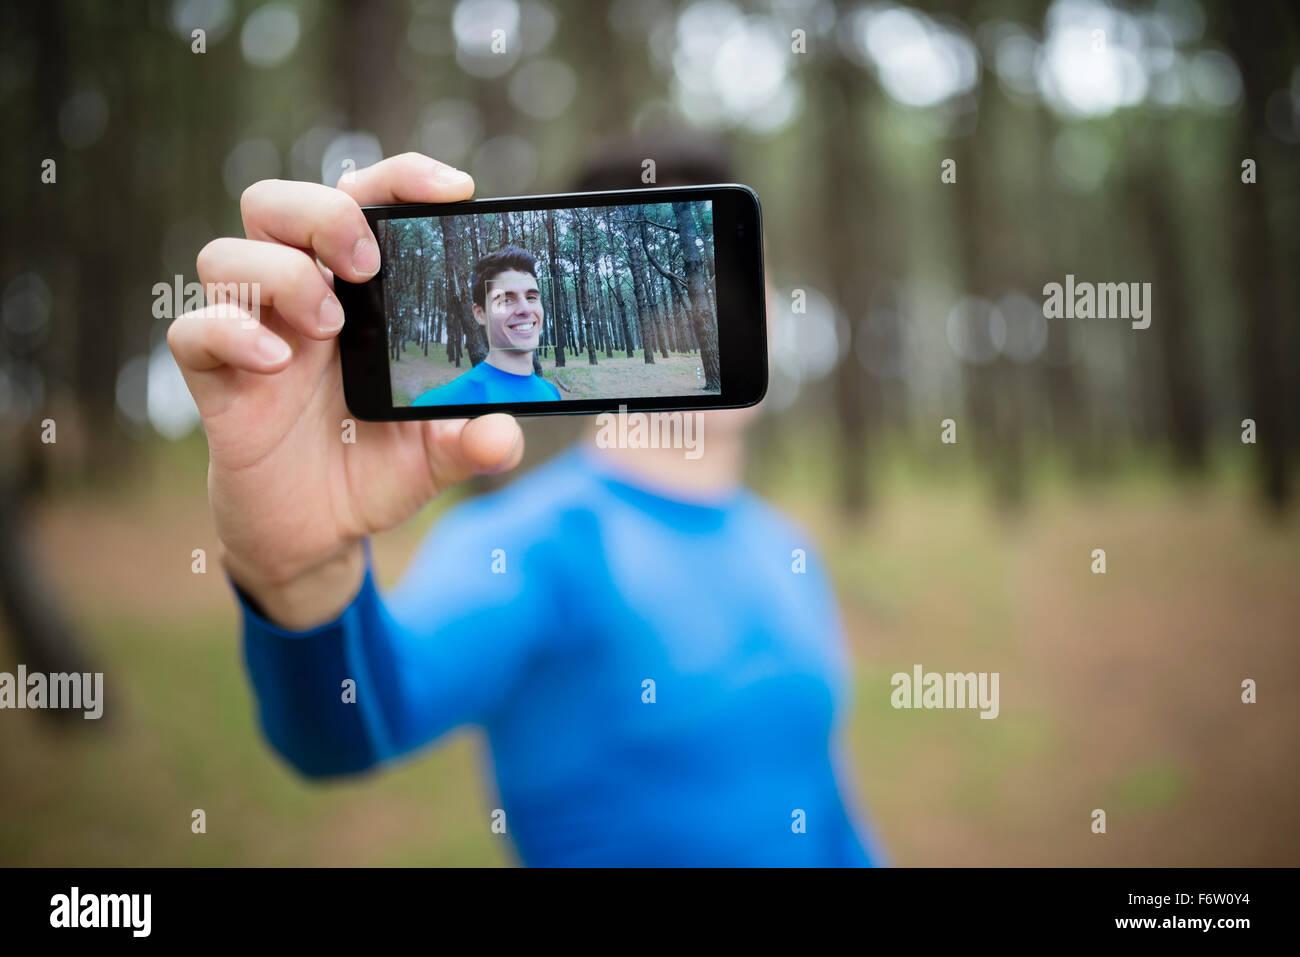 Selfie di un runner sul display di uno smartphone Immagini Stock